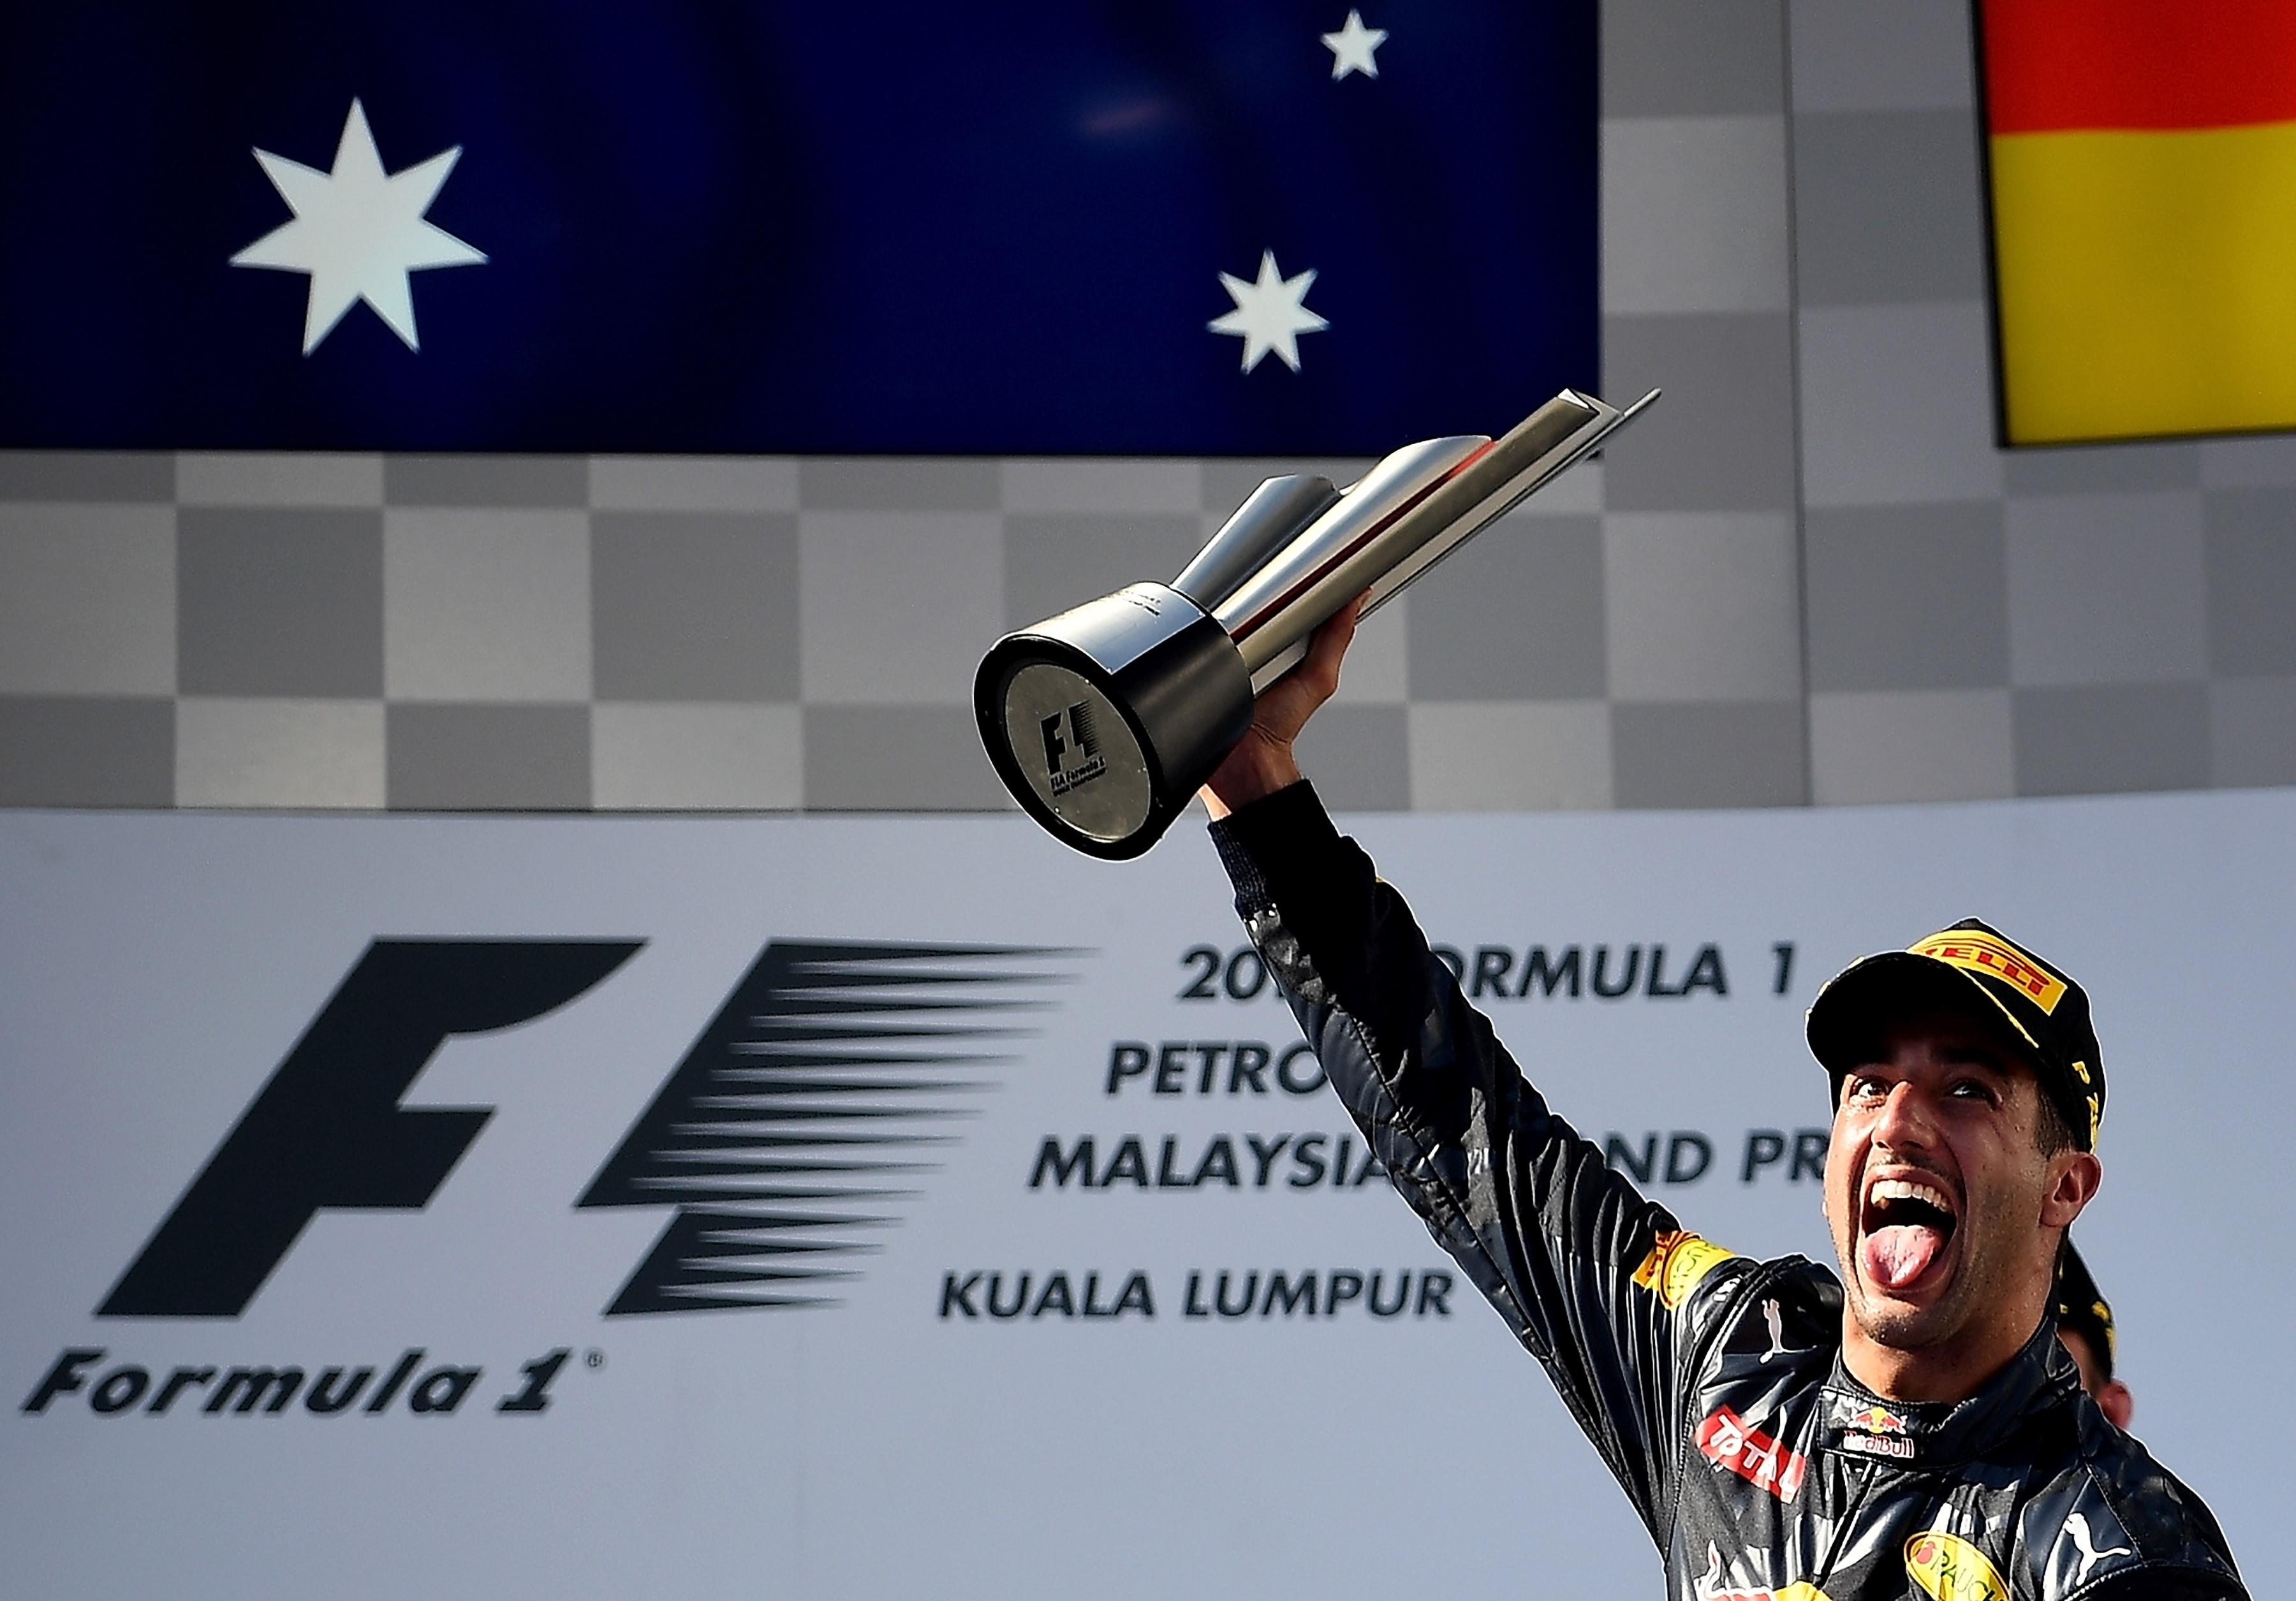 Formule 1 : La vidéo nostalgique de Nico Rosberg